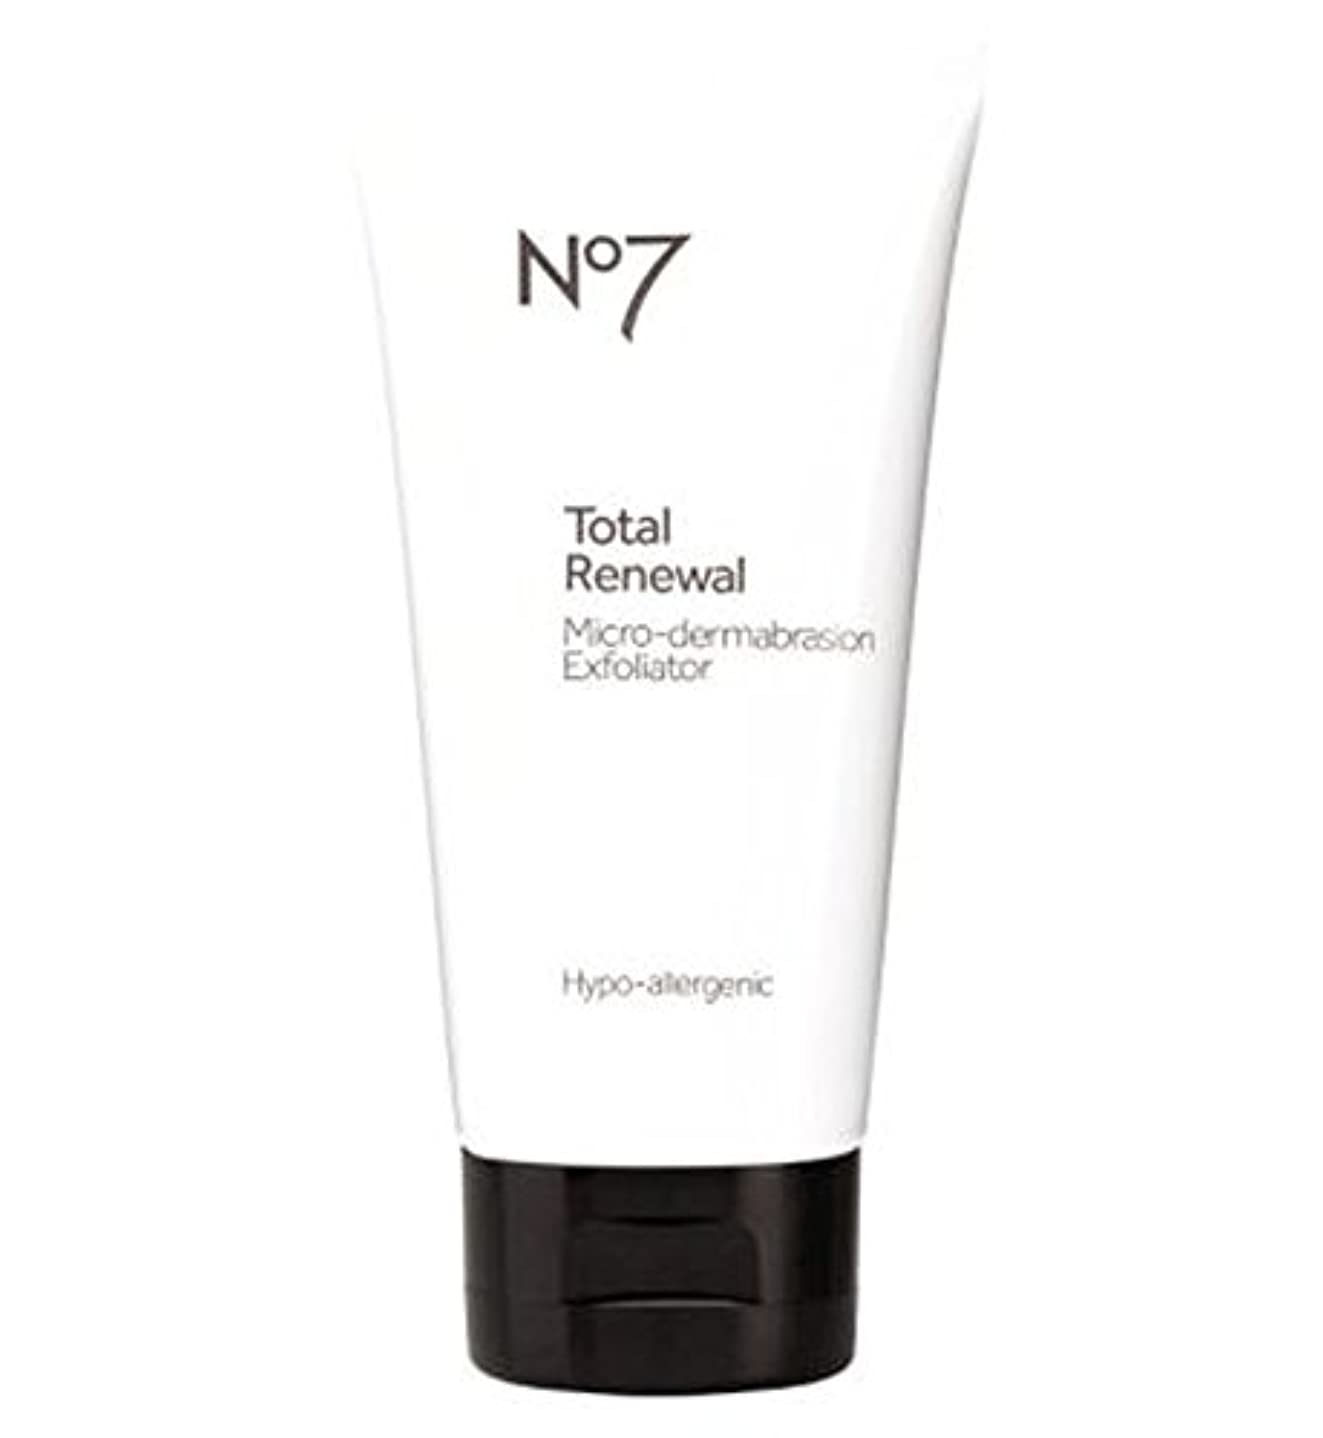 法令アセンブリ束No7総リニューアルマイクロ皮膚剥離面エクスフォリエーター (No7) (x2) - No7 Total Renewal Micro-dermabrasion Face Exfoliator (Pack of 2) [並行輸入品]